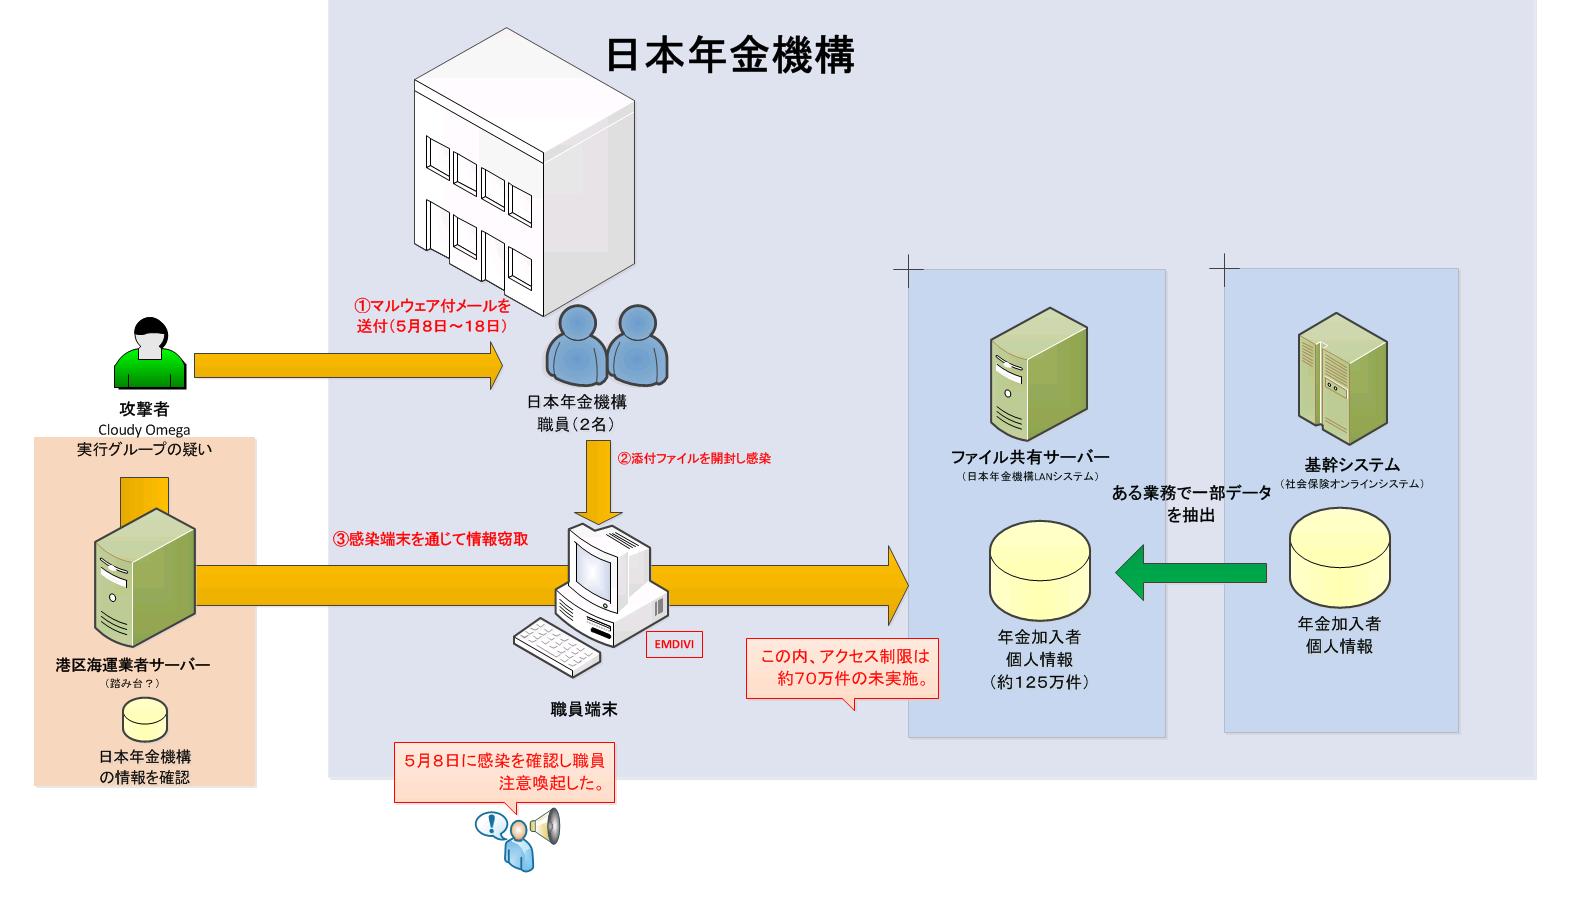 日本年金機構から学ぶ | Skyarch...